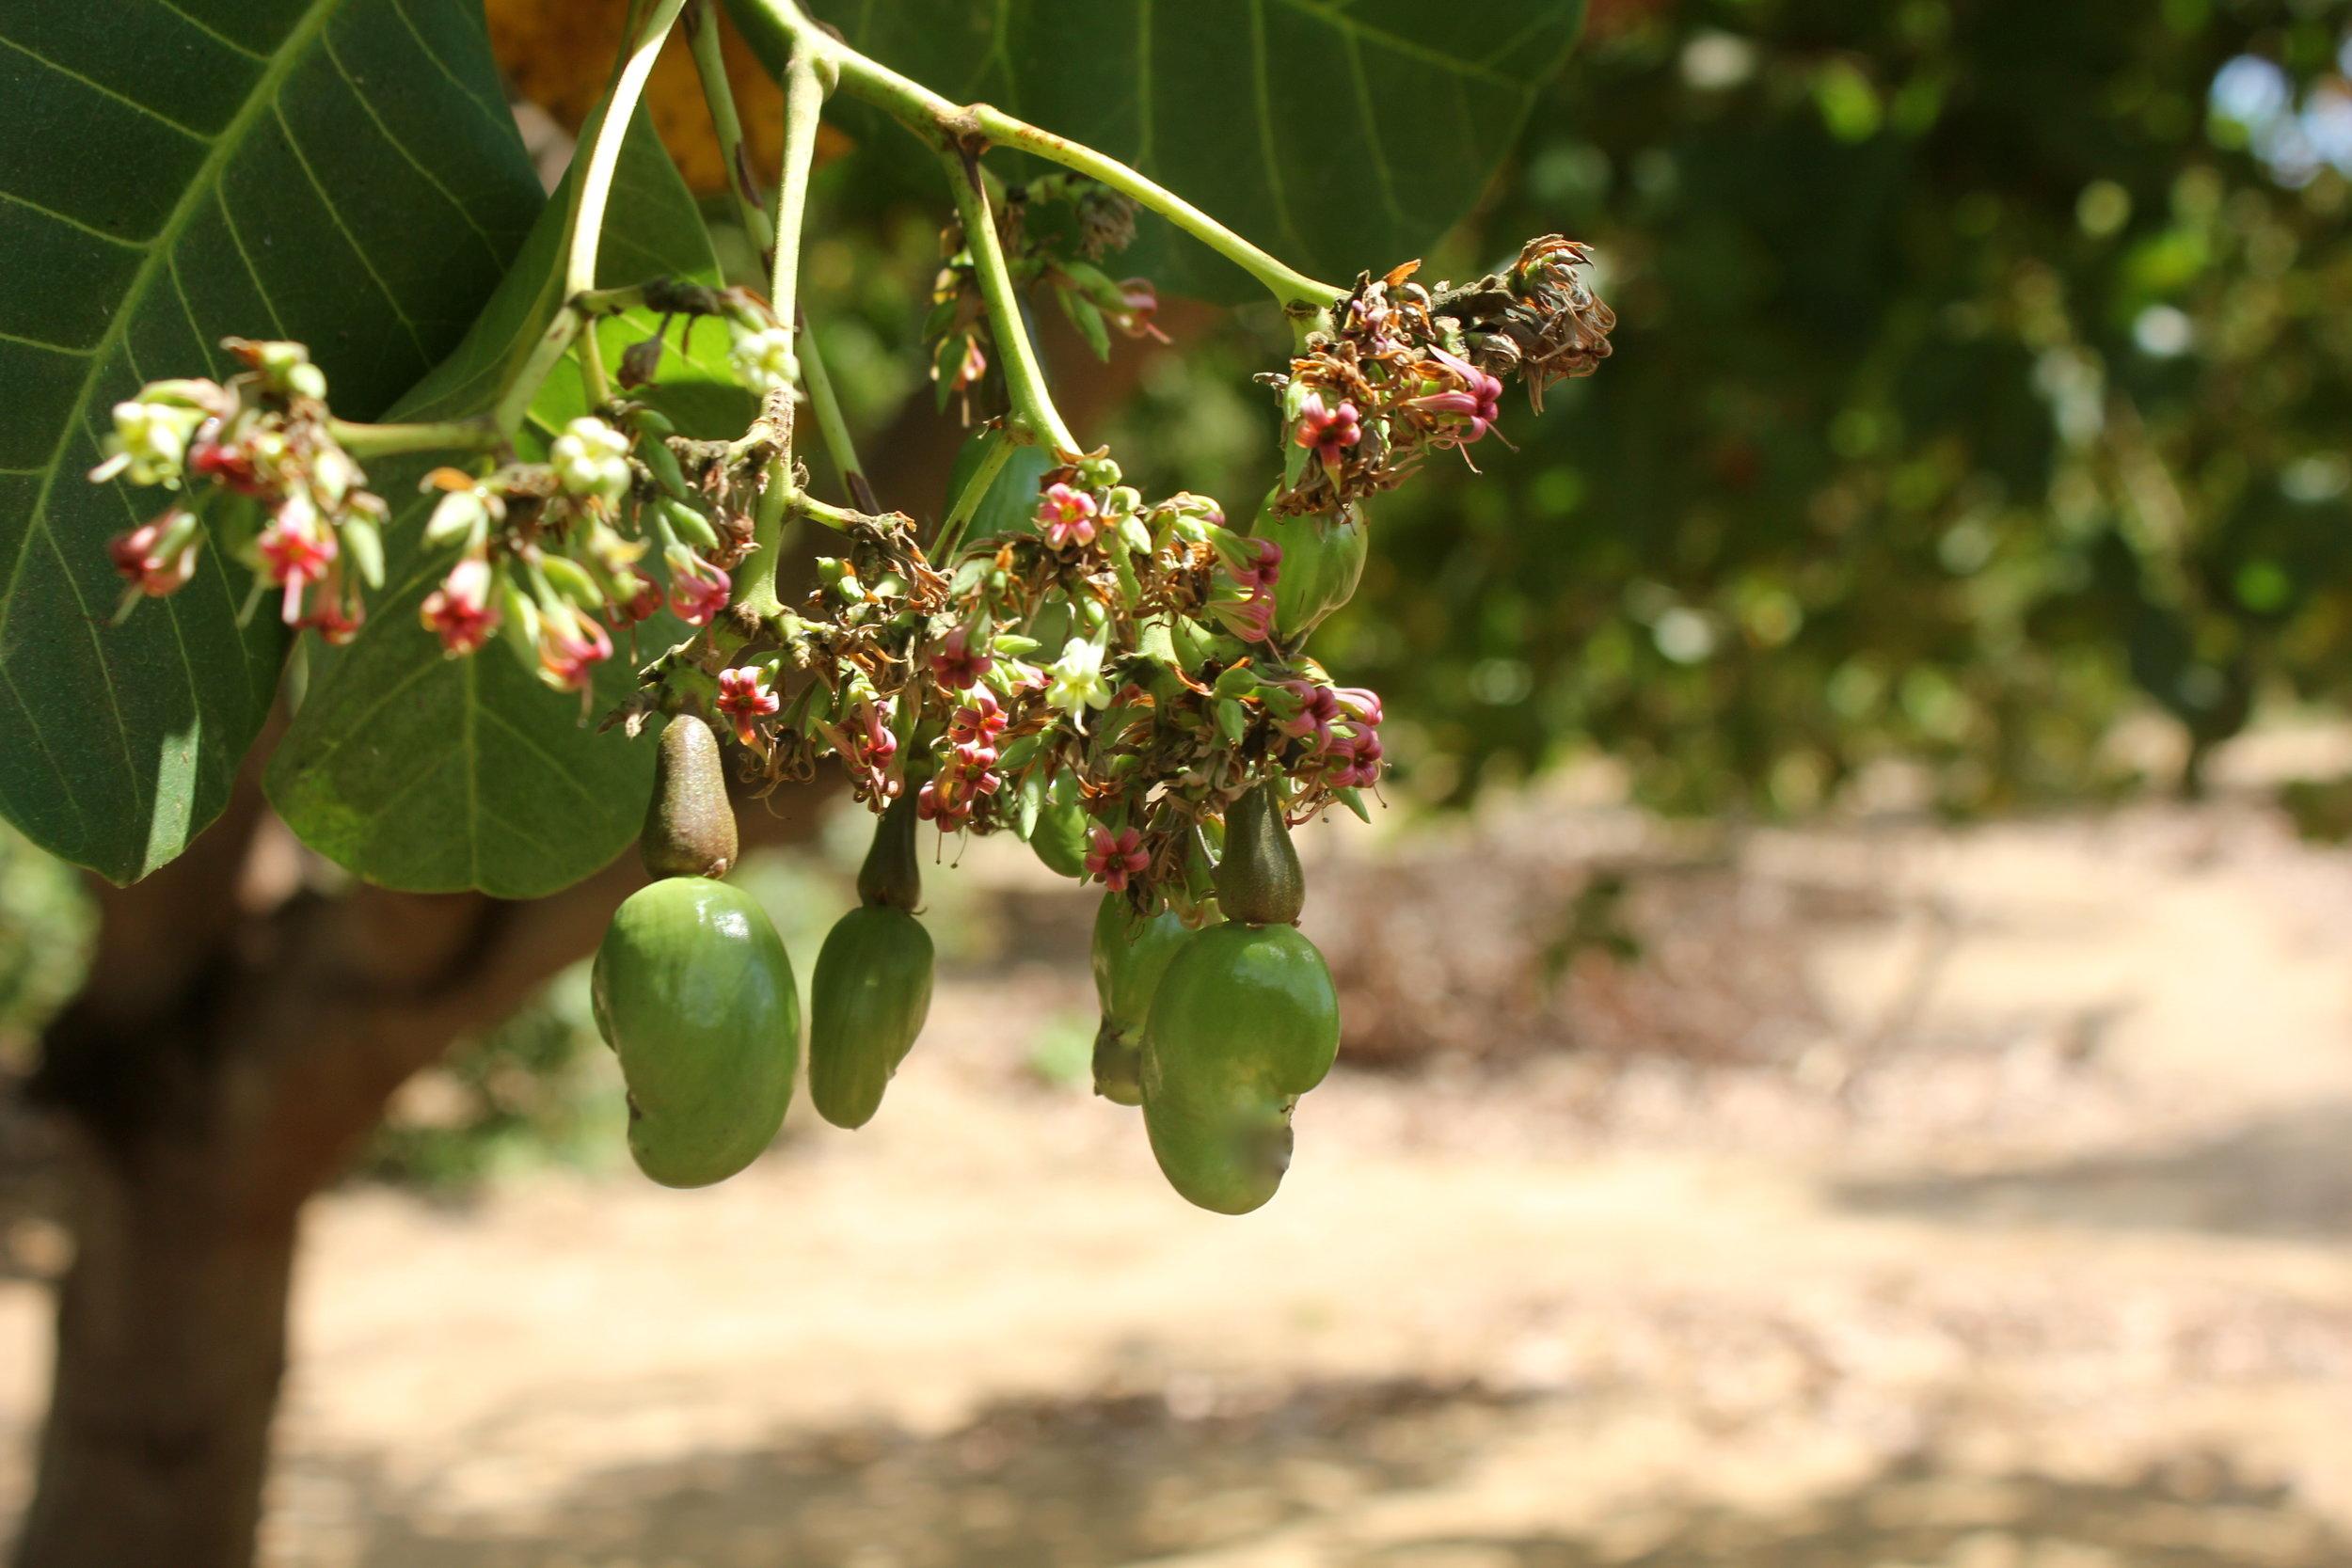 Nangade district, Cabo Delgado province  - Farmers in Mozambique collect both the cashew nuts and apples at the time of the harvest |  Os produtores em Moçambique recolhem as castanhas de caju e as maçãs durante a colheita